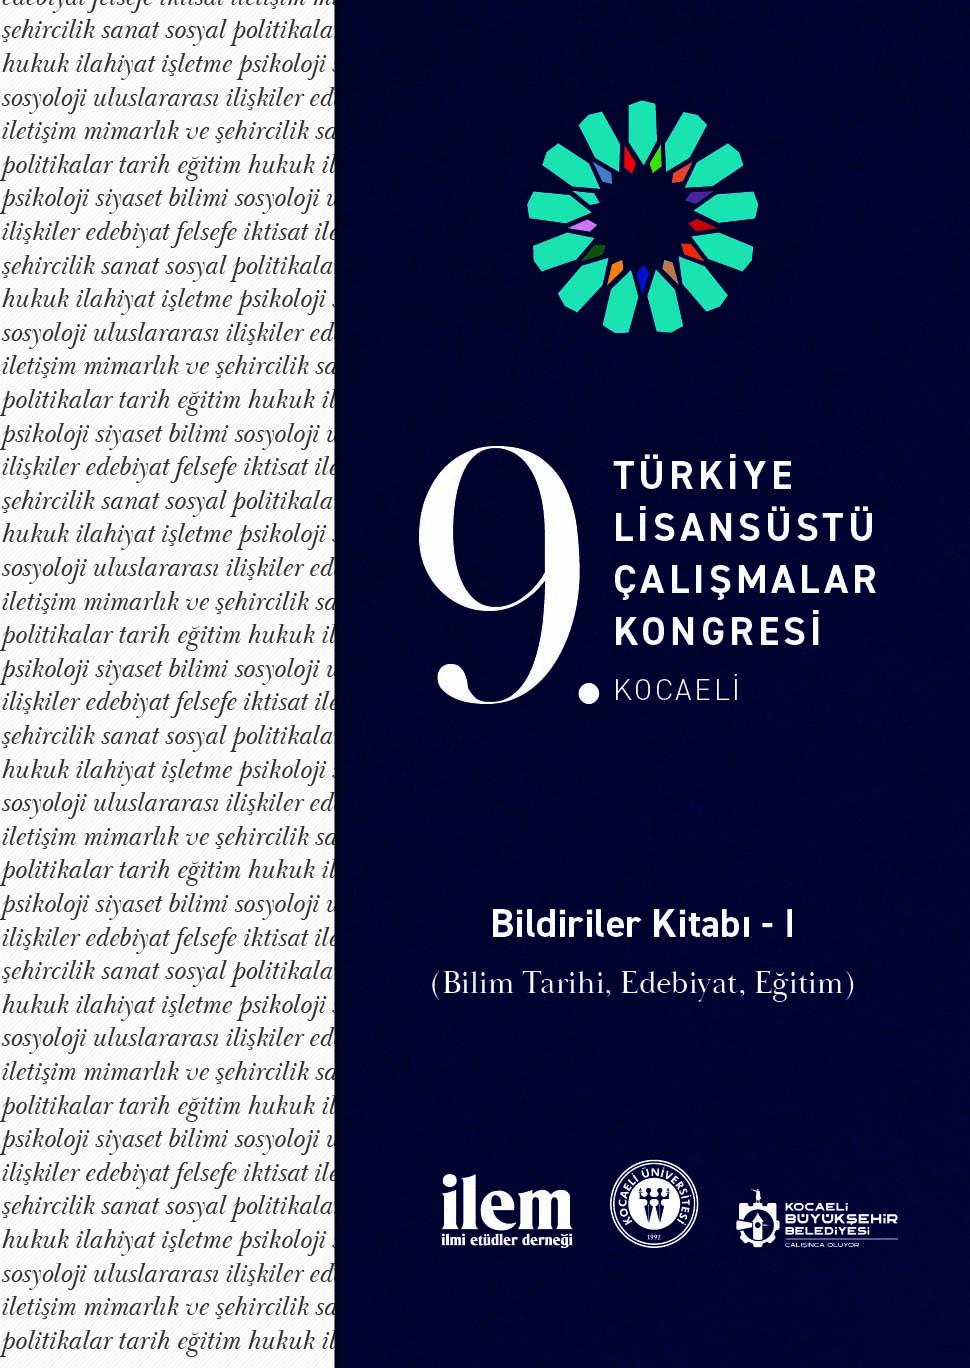 9. Türkiye Lisansüstü Çalışmalar Kongresi Bildiriler Kitabı